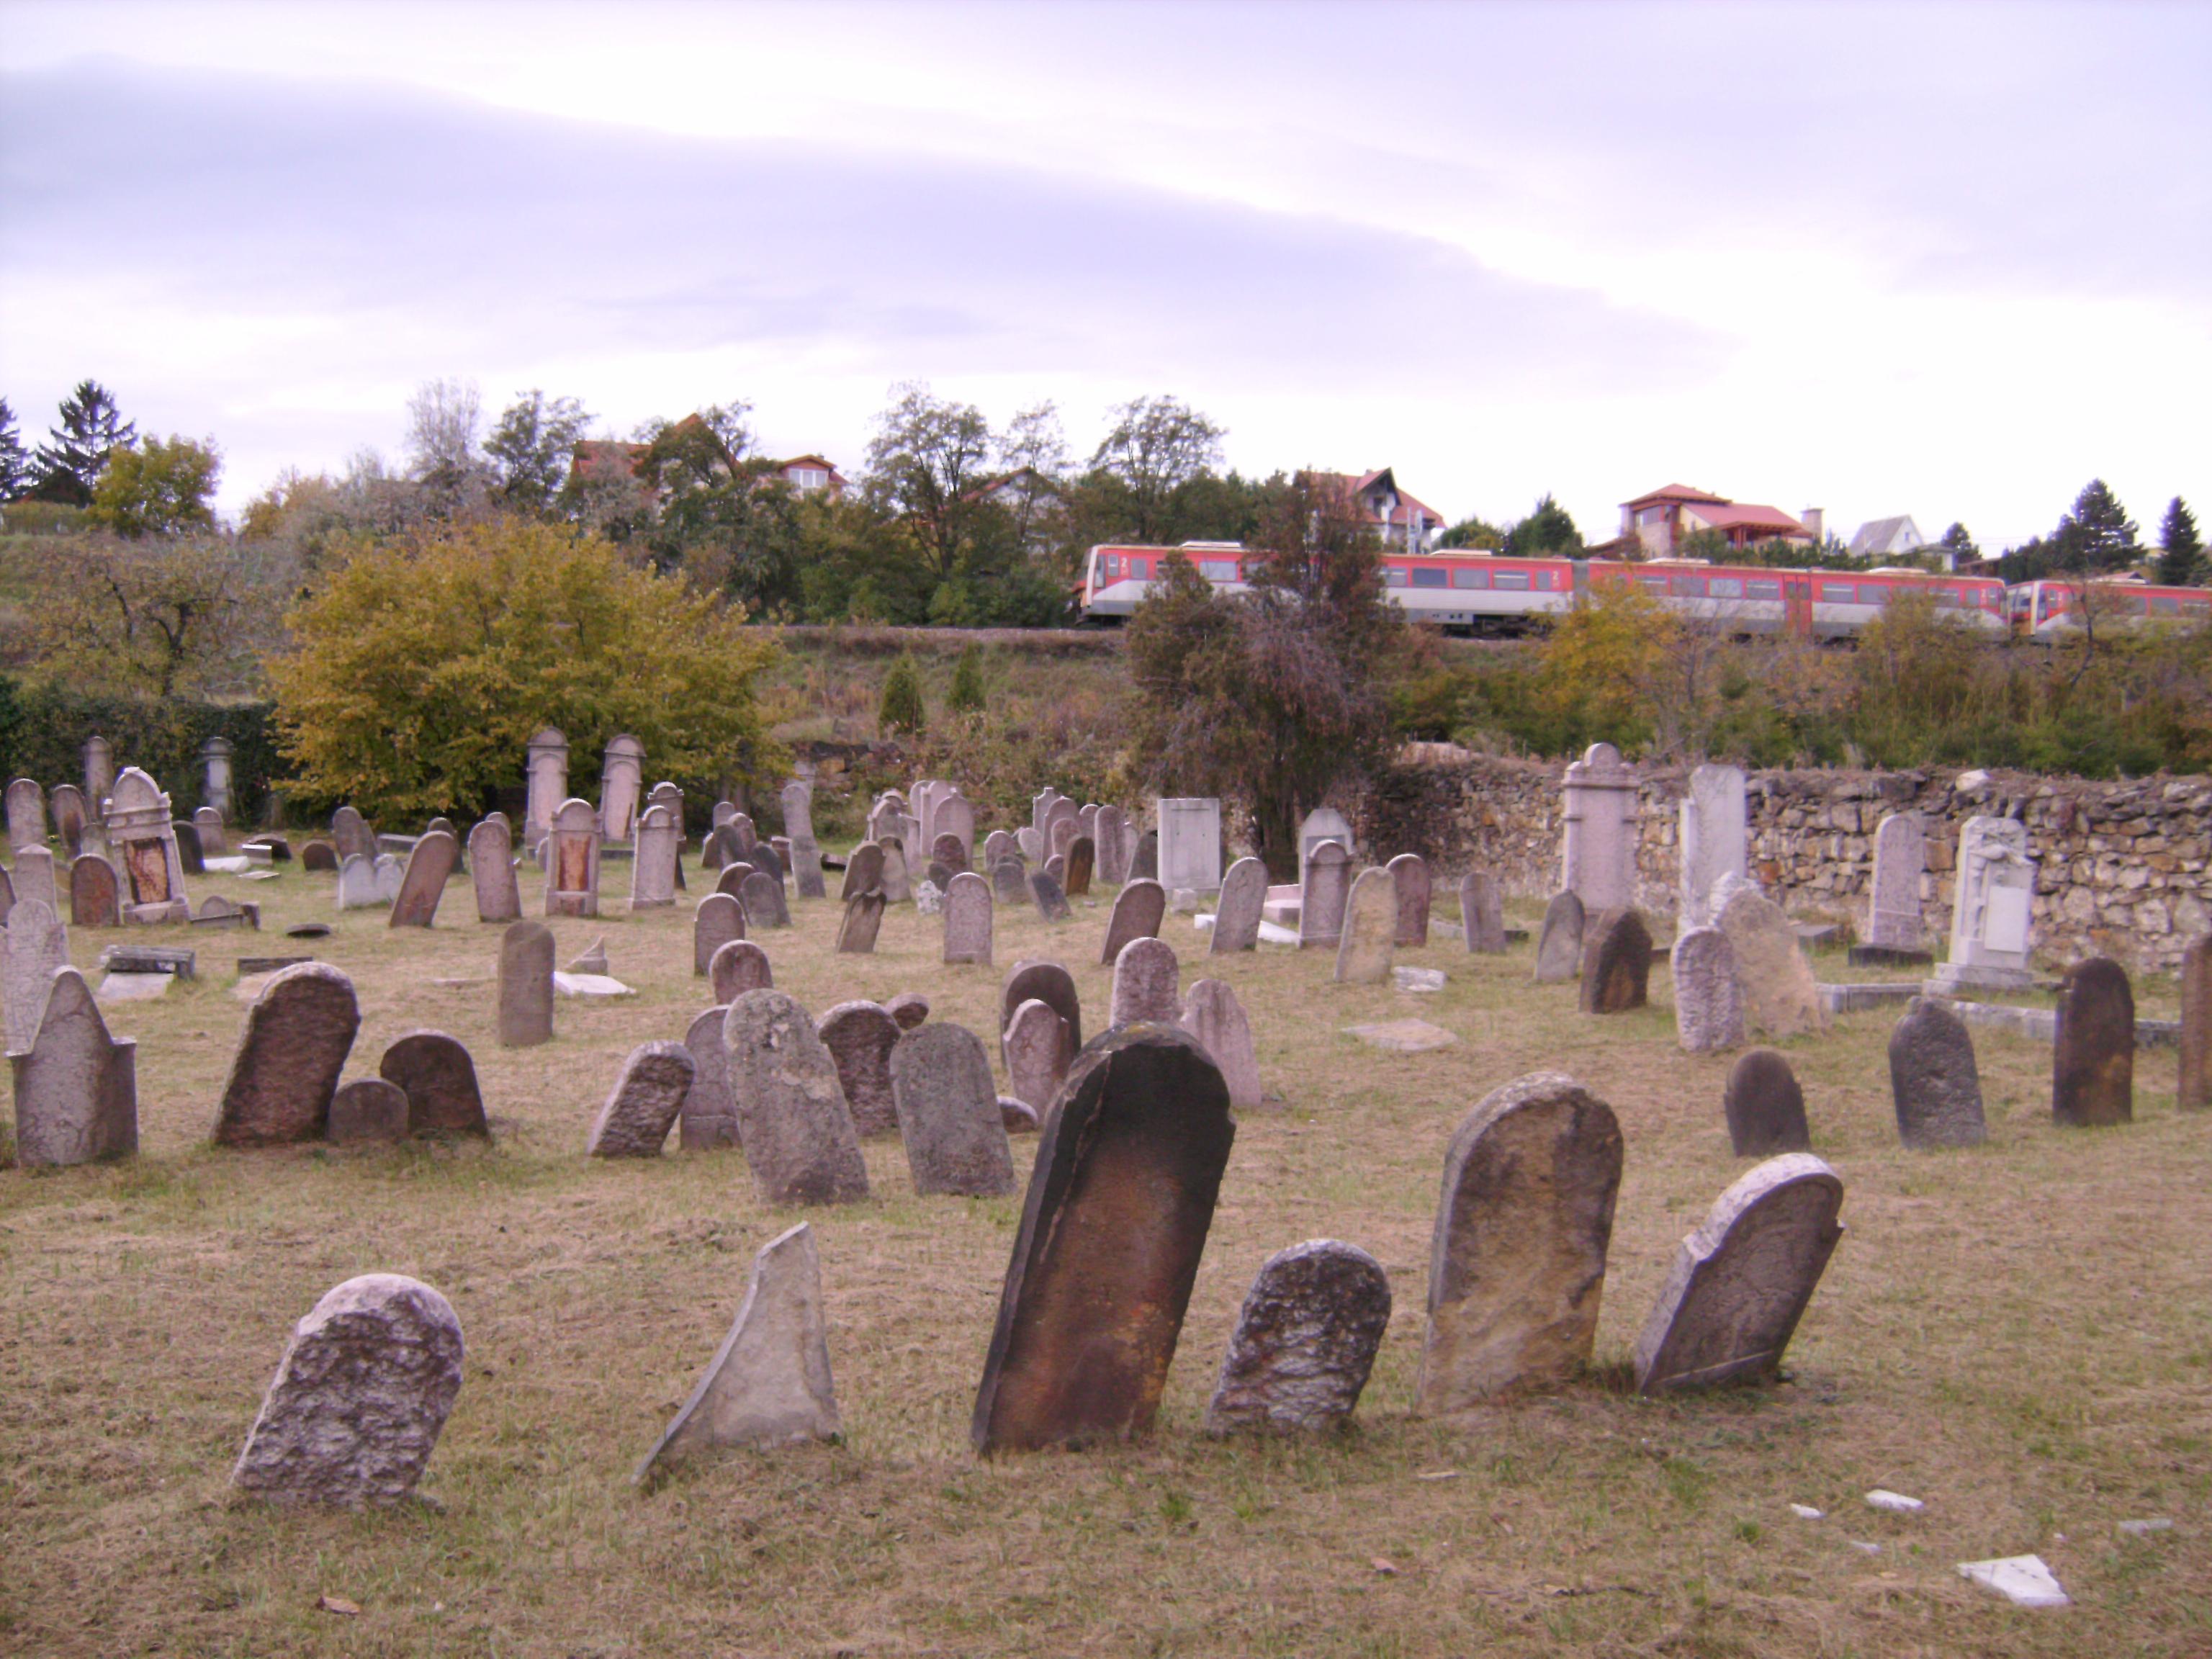 virágot elhelyezni a sírra - bár e tekintetben egyes modernebb hitközségek ezt már megengedik.